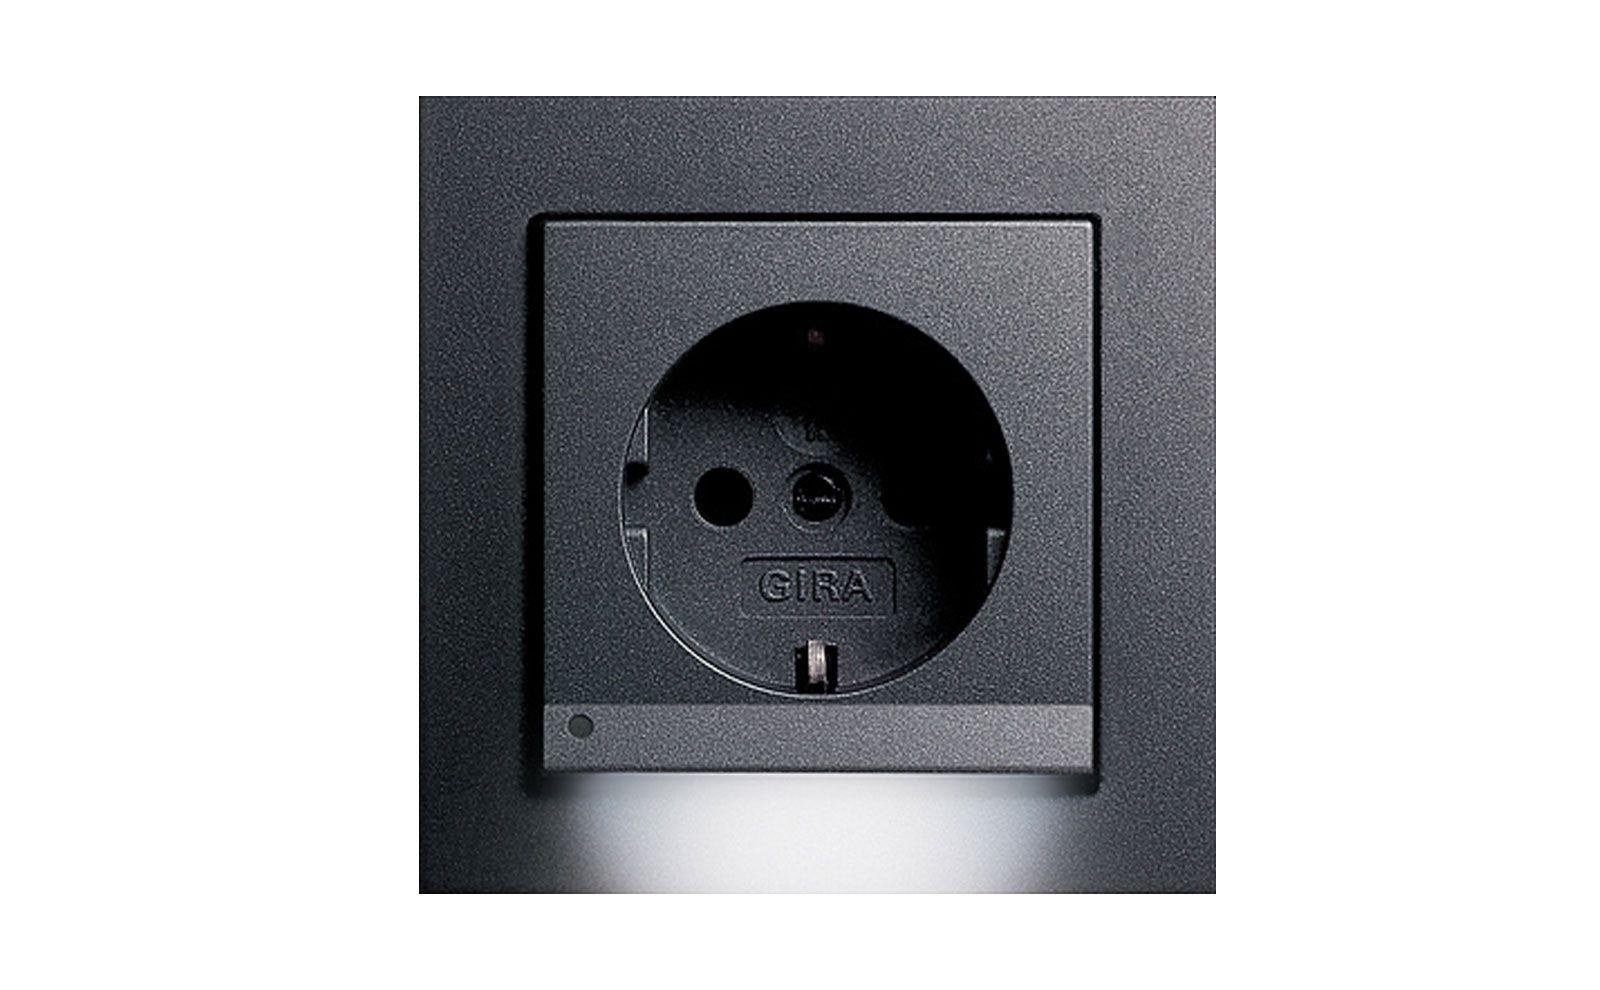 Gira Orientierungsbeleuchtung SCHUKO-Steckdose 16 A schwarz